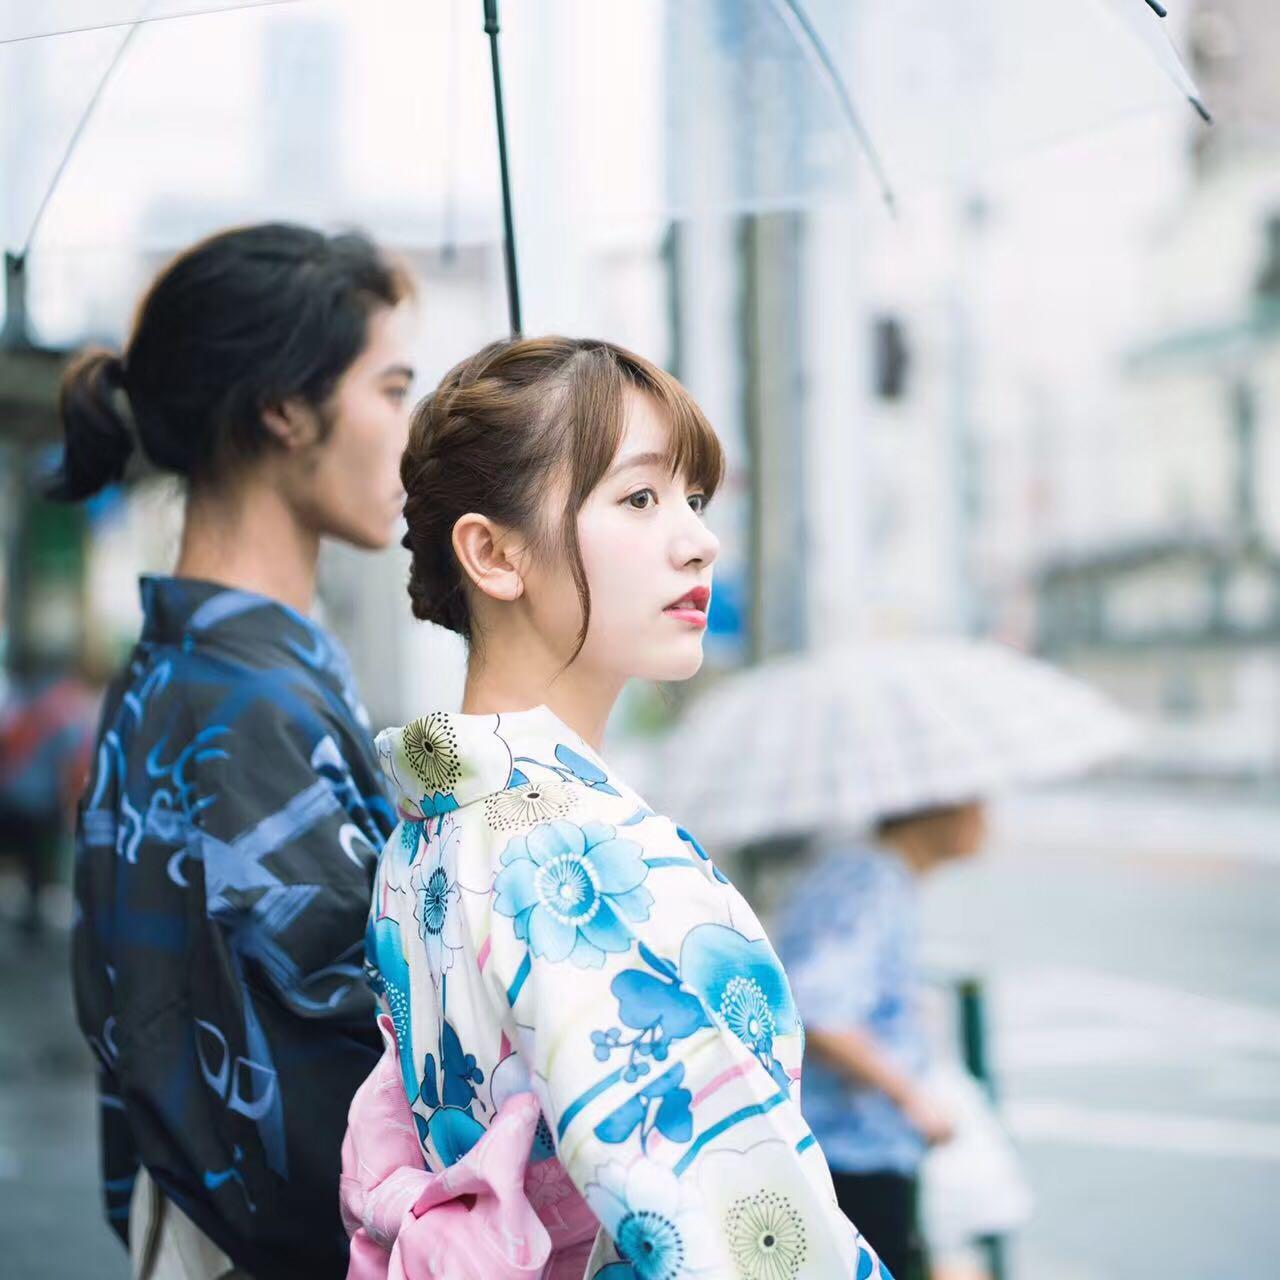 和服摄影跟拍/街拍/亲子照/个人写真